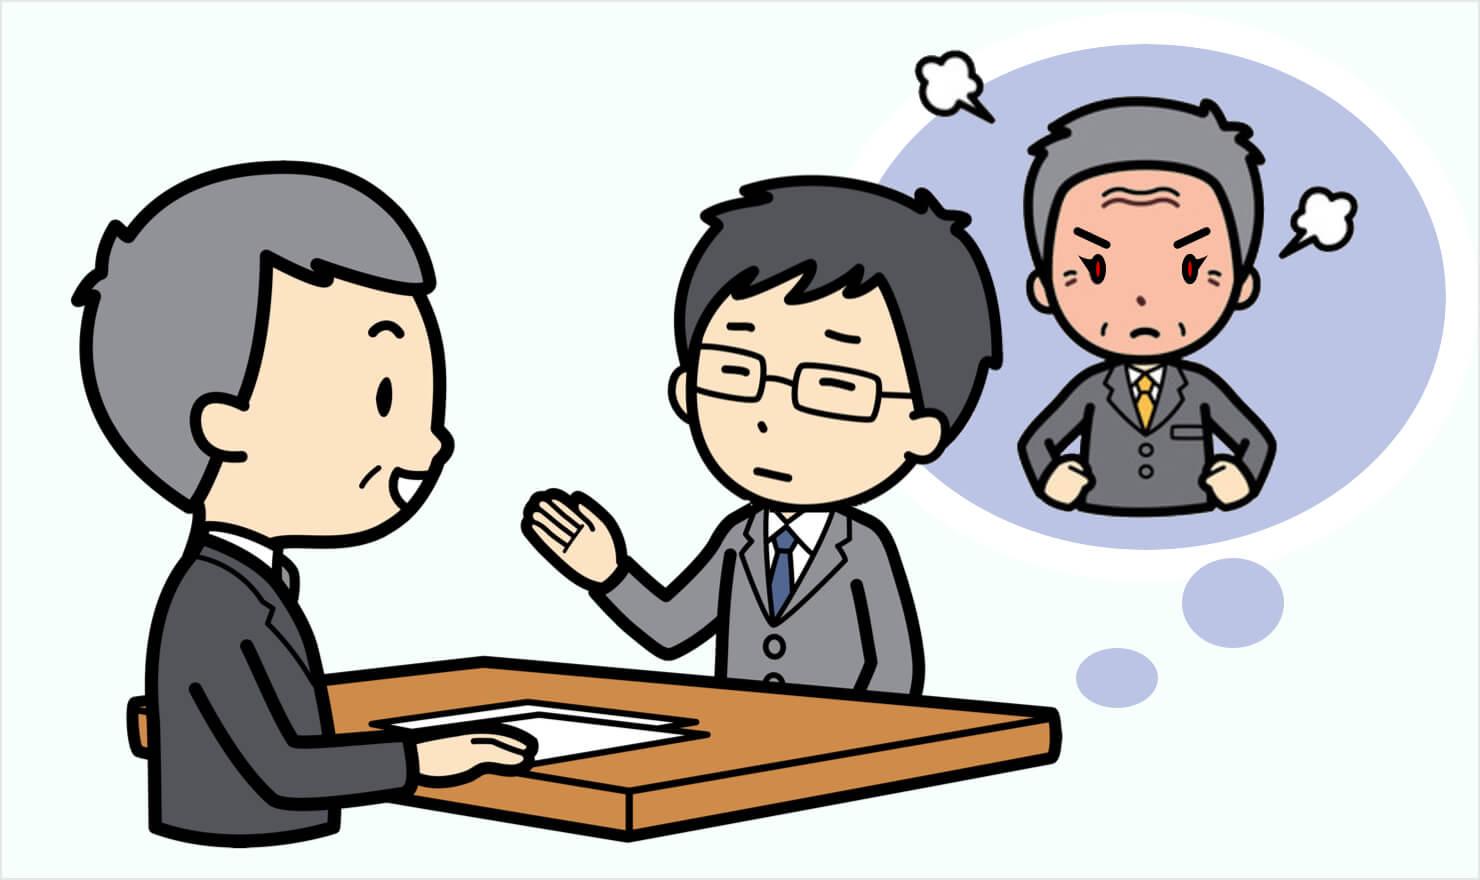 退職理由はポジティブに言い換えよう!面接時の正しい退職理由の伝え方